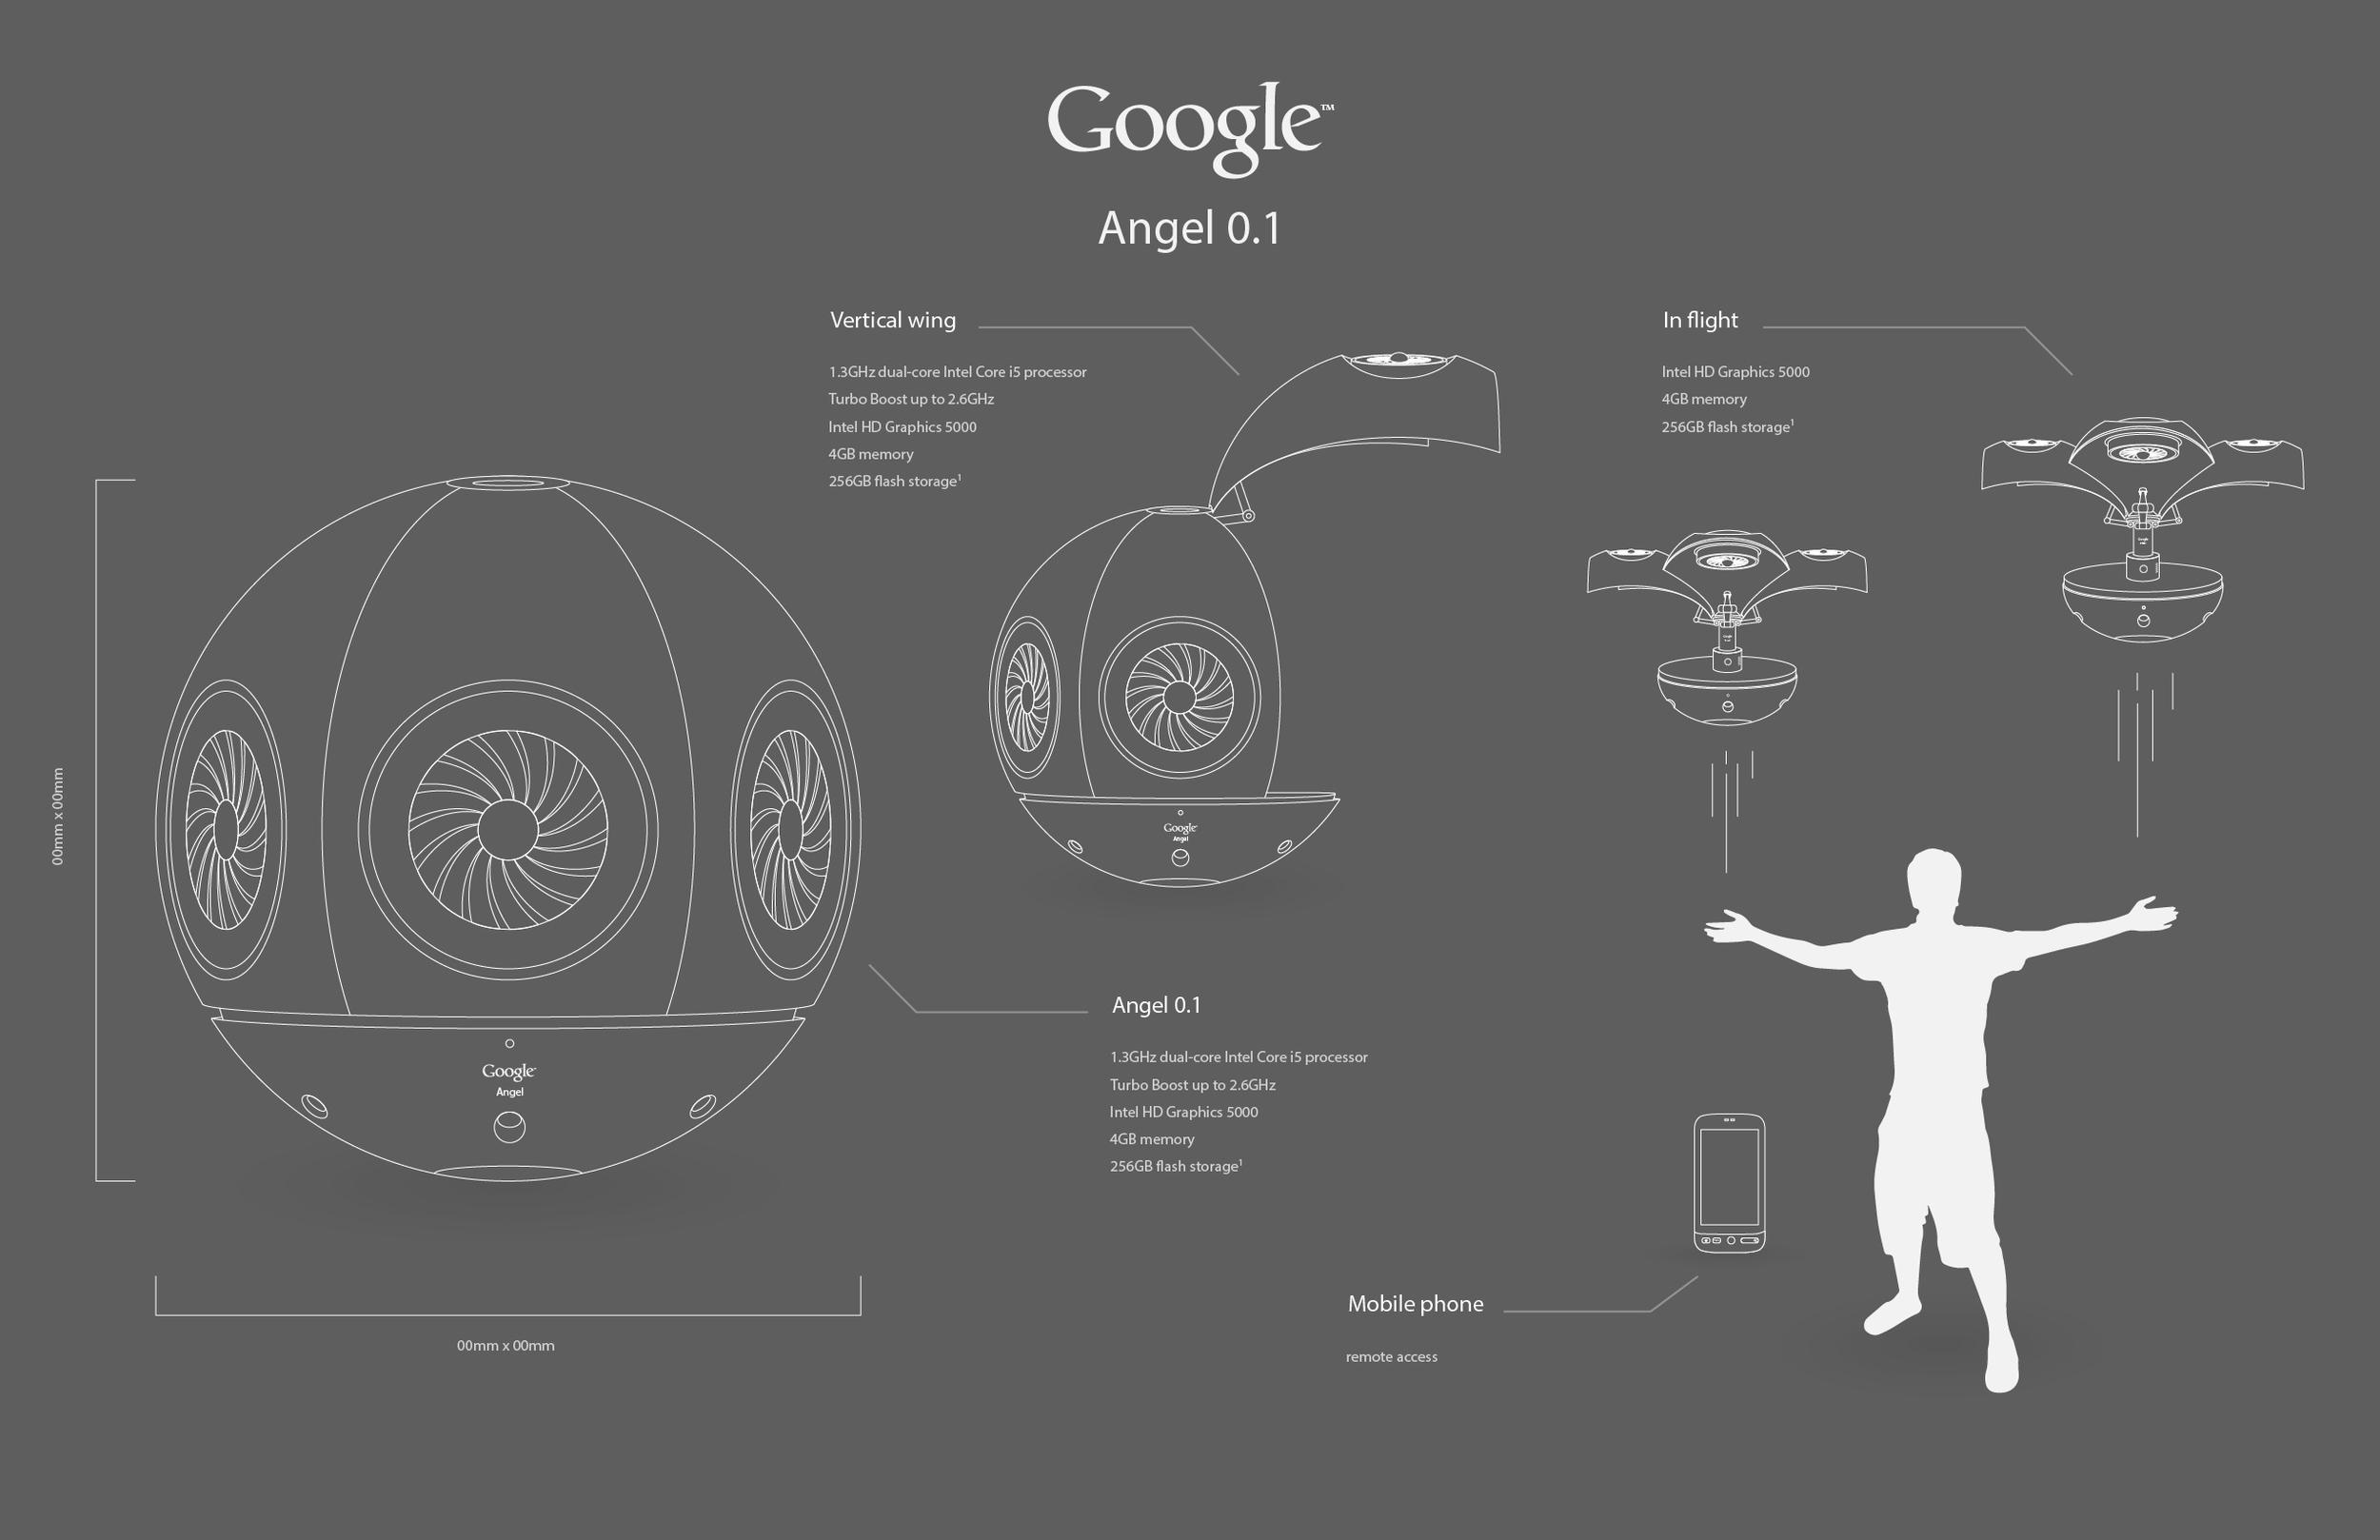 mi-drone-preso_Google-02A.jpg